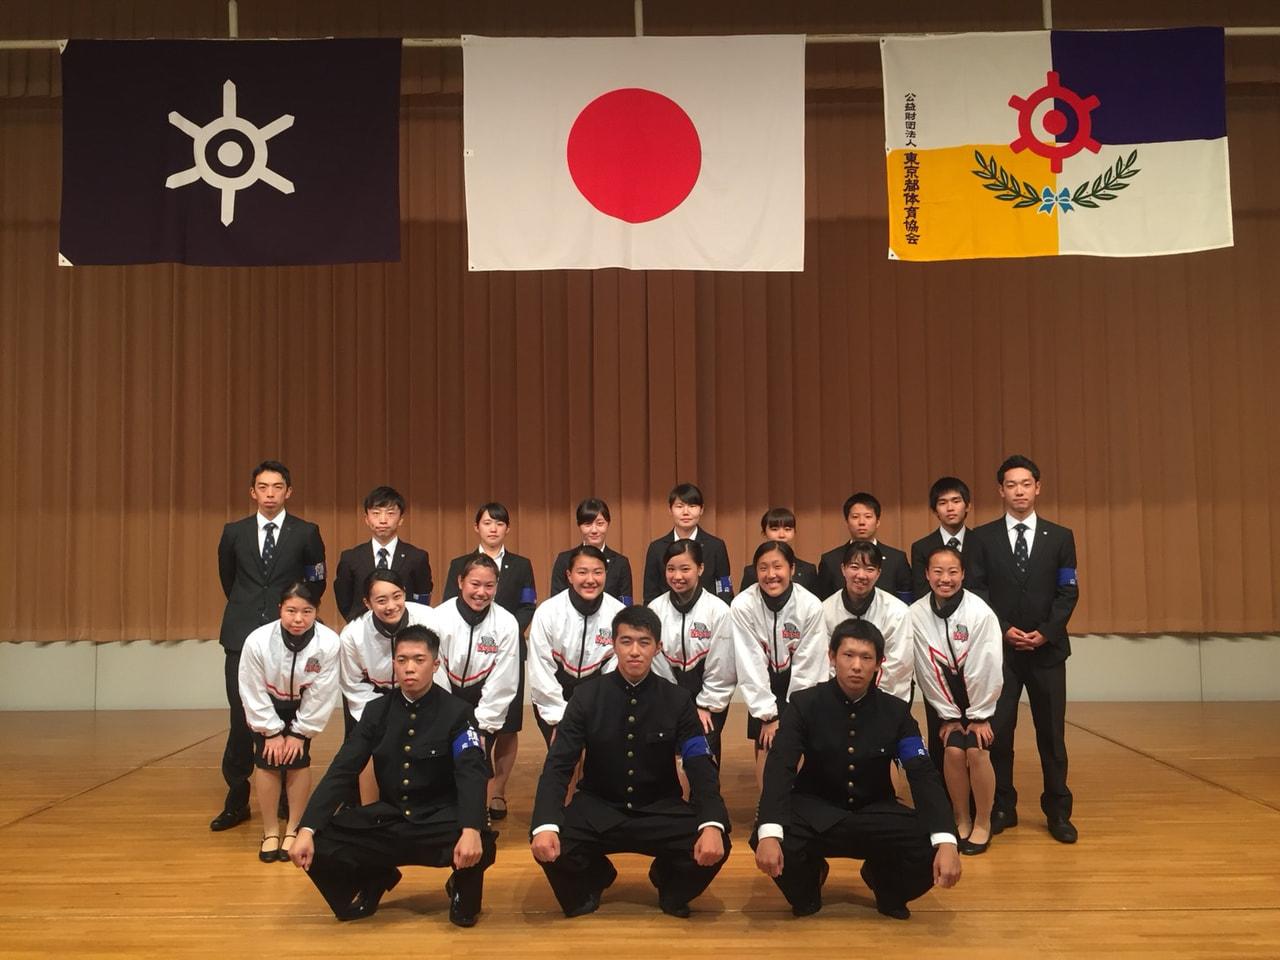 第73回国民体育大会本大会東京都選手団結団式